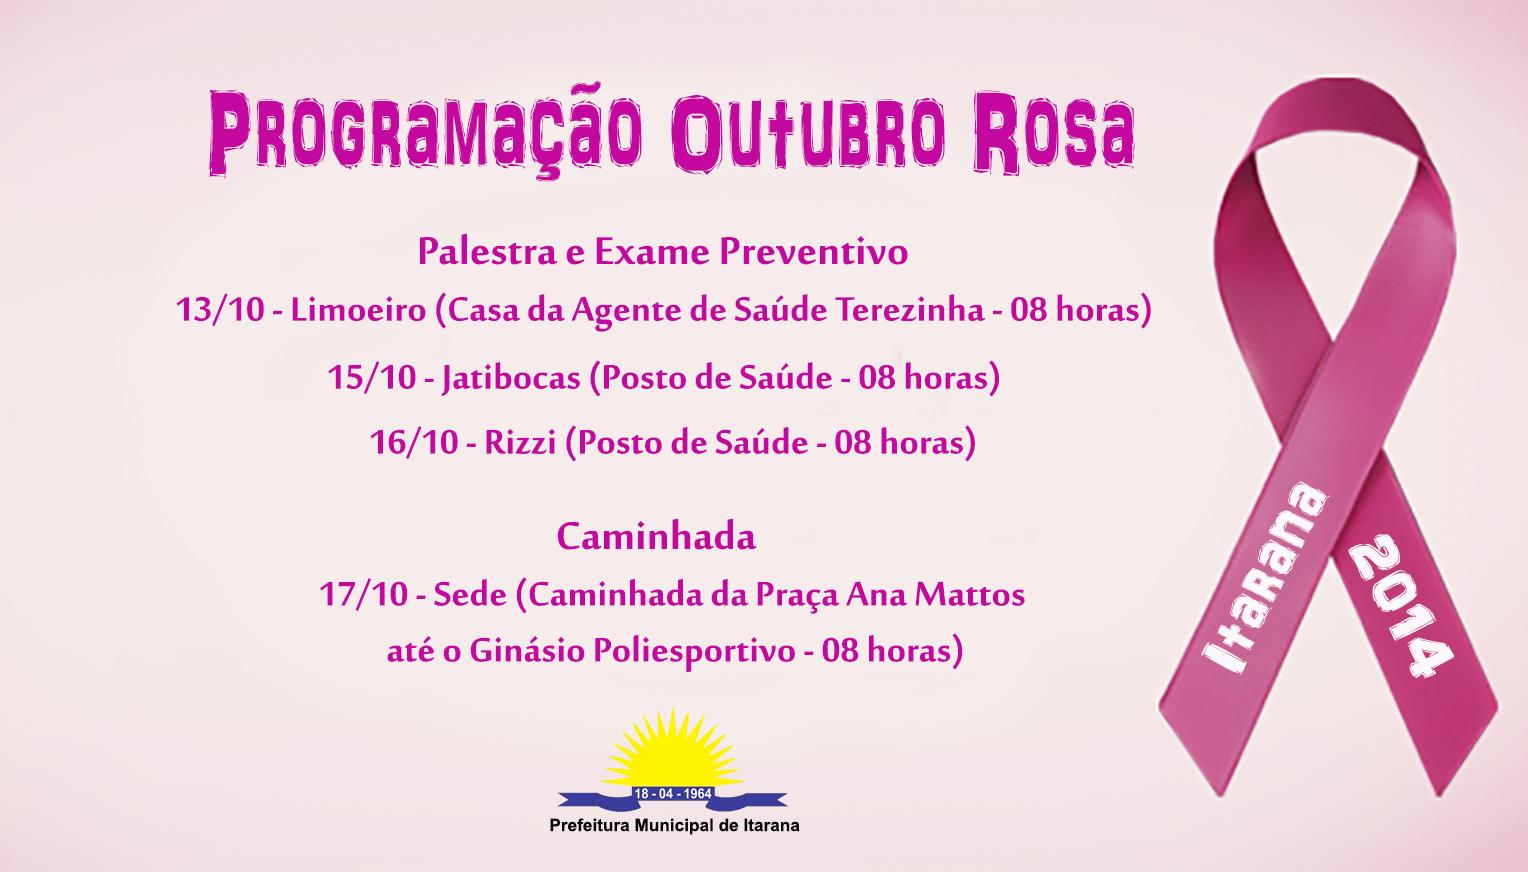 Programação do movimento Outubro Rosa começa no dia 13 em Itarana